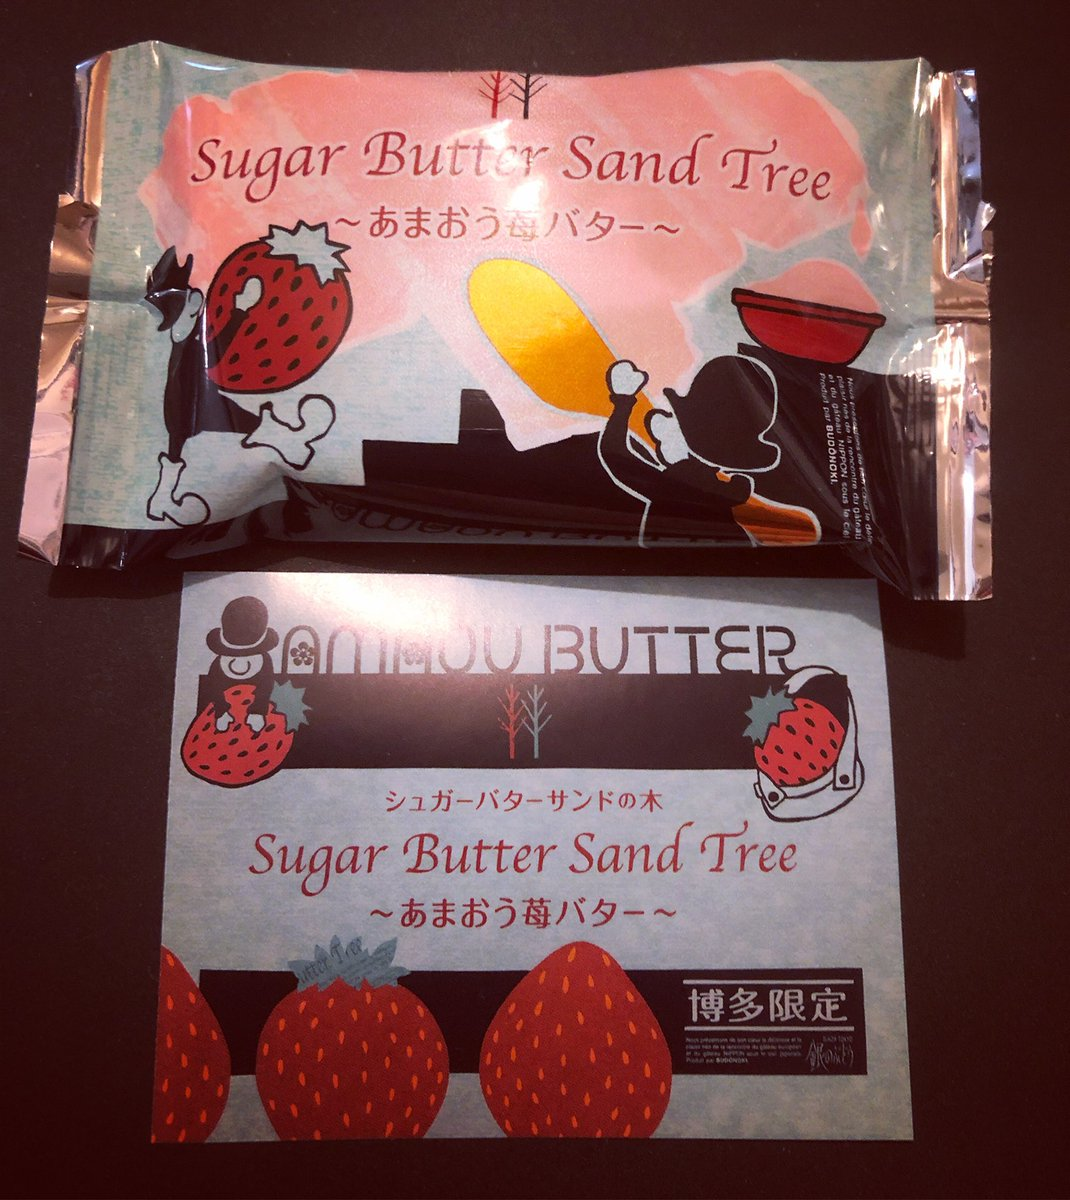 test ツイッターメディア - 福岡出張に行った人からお土産をいただいた。 シュガーバターの木って、ご当地限定ものもあったのね。 これは博多限定、あまおう苺バター♪ https://t.co/nV0Eud7588